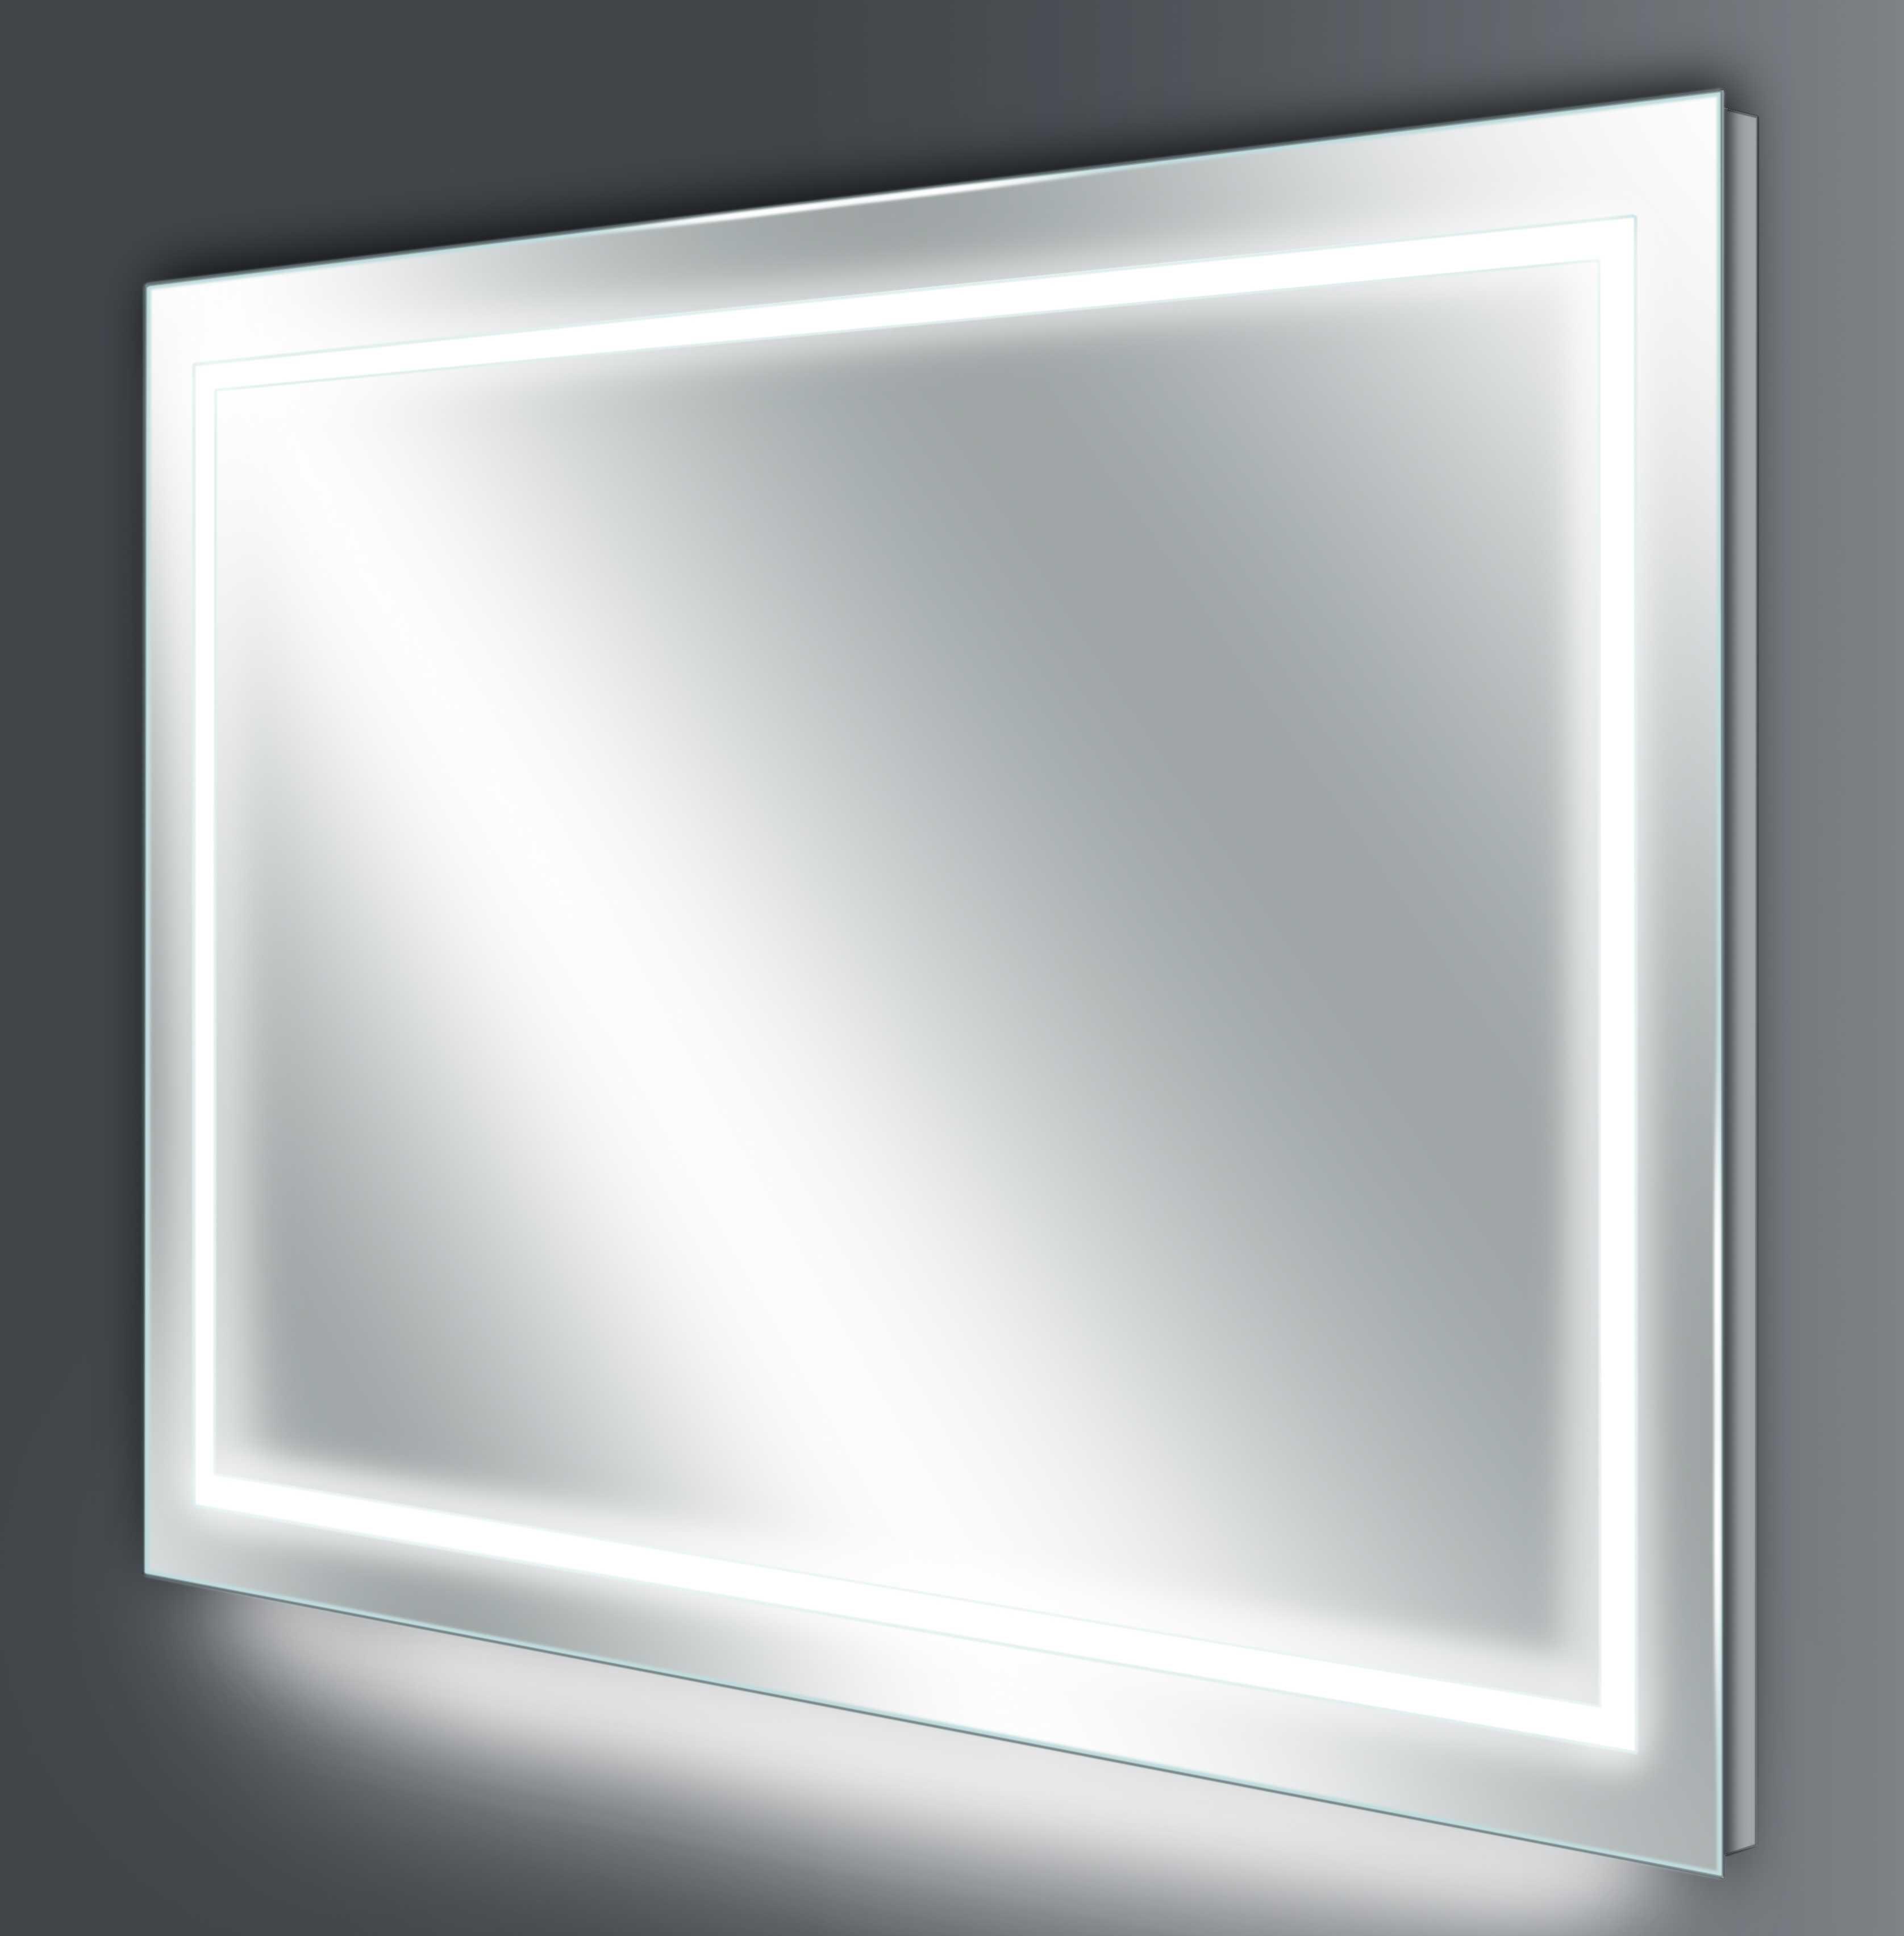 ivr basic led spiegel. Black Bedroom Furniture Sets. Home Design Ideas